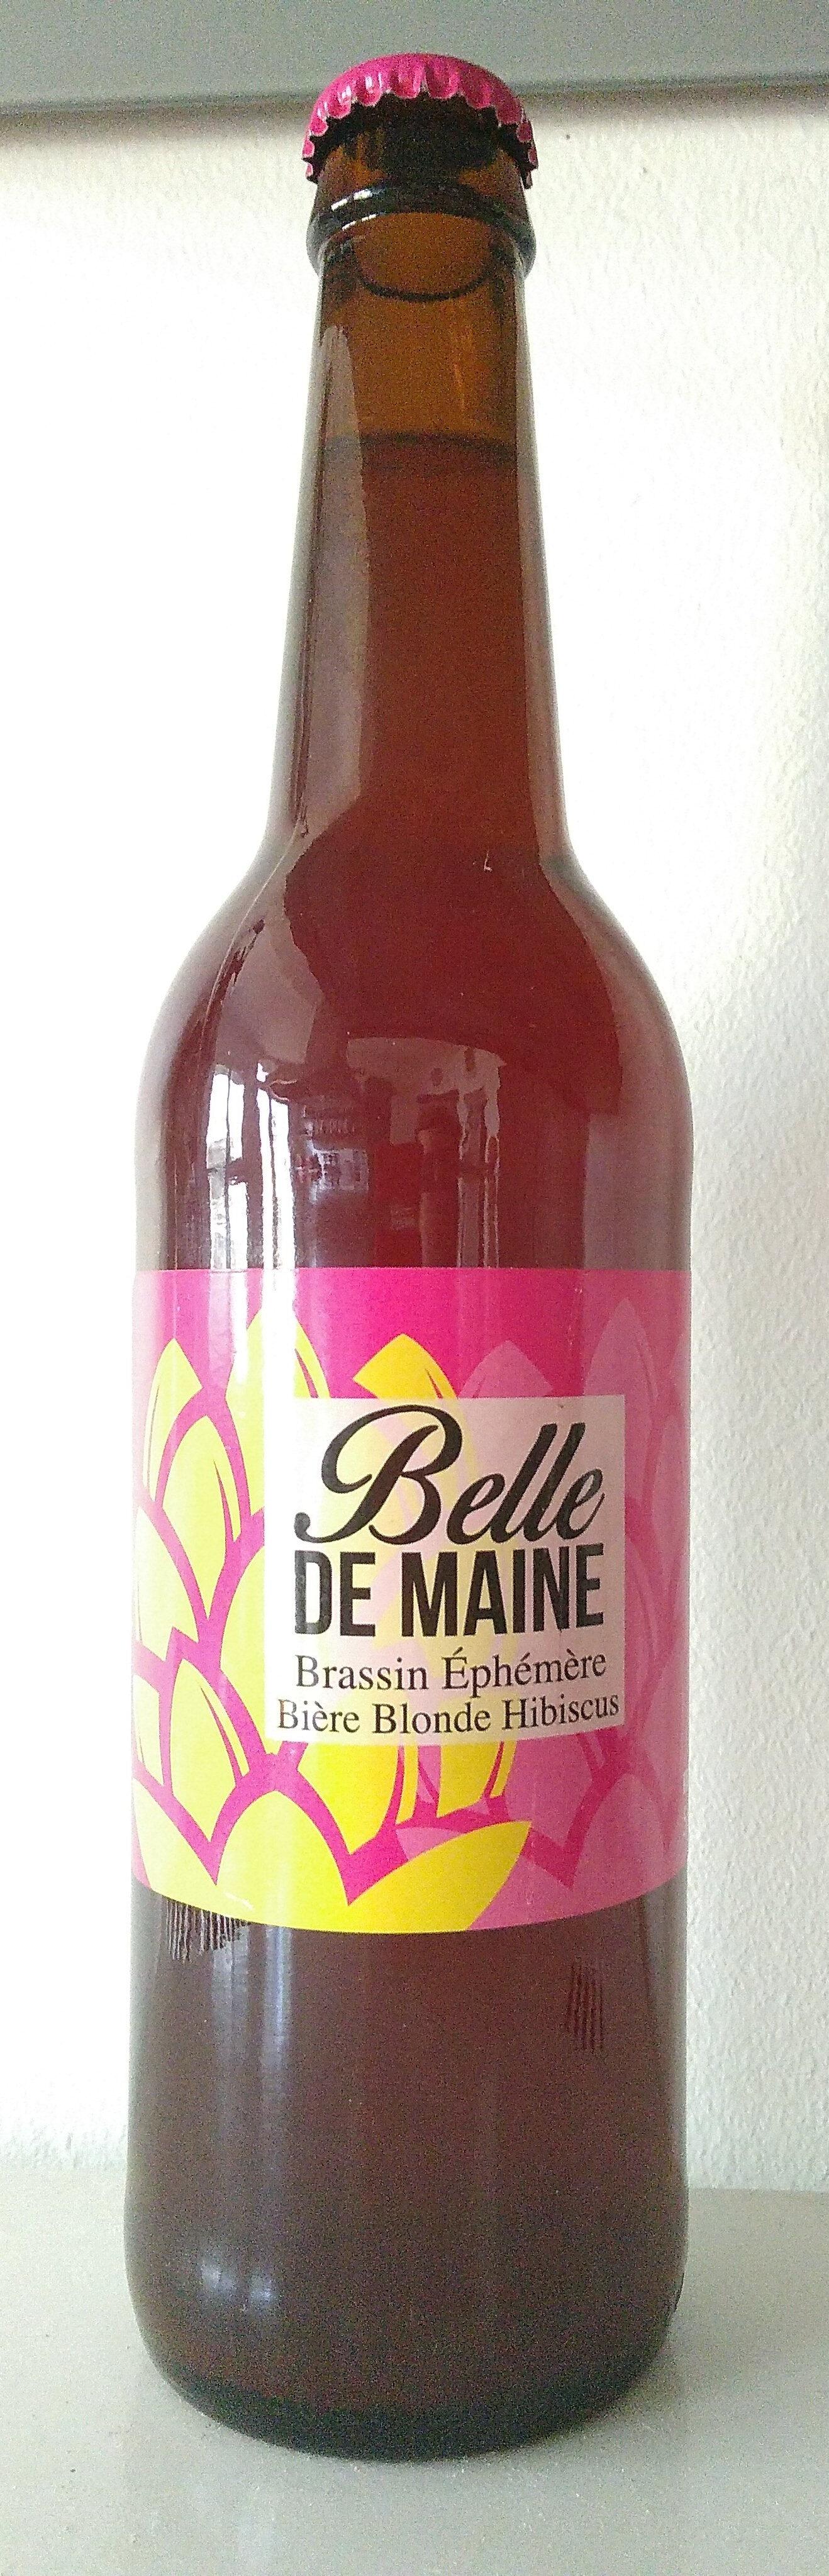 Belle de Maine éphémère blonde hibiscus - Product - fr